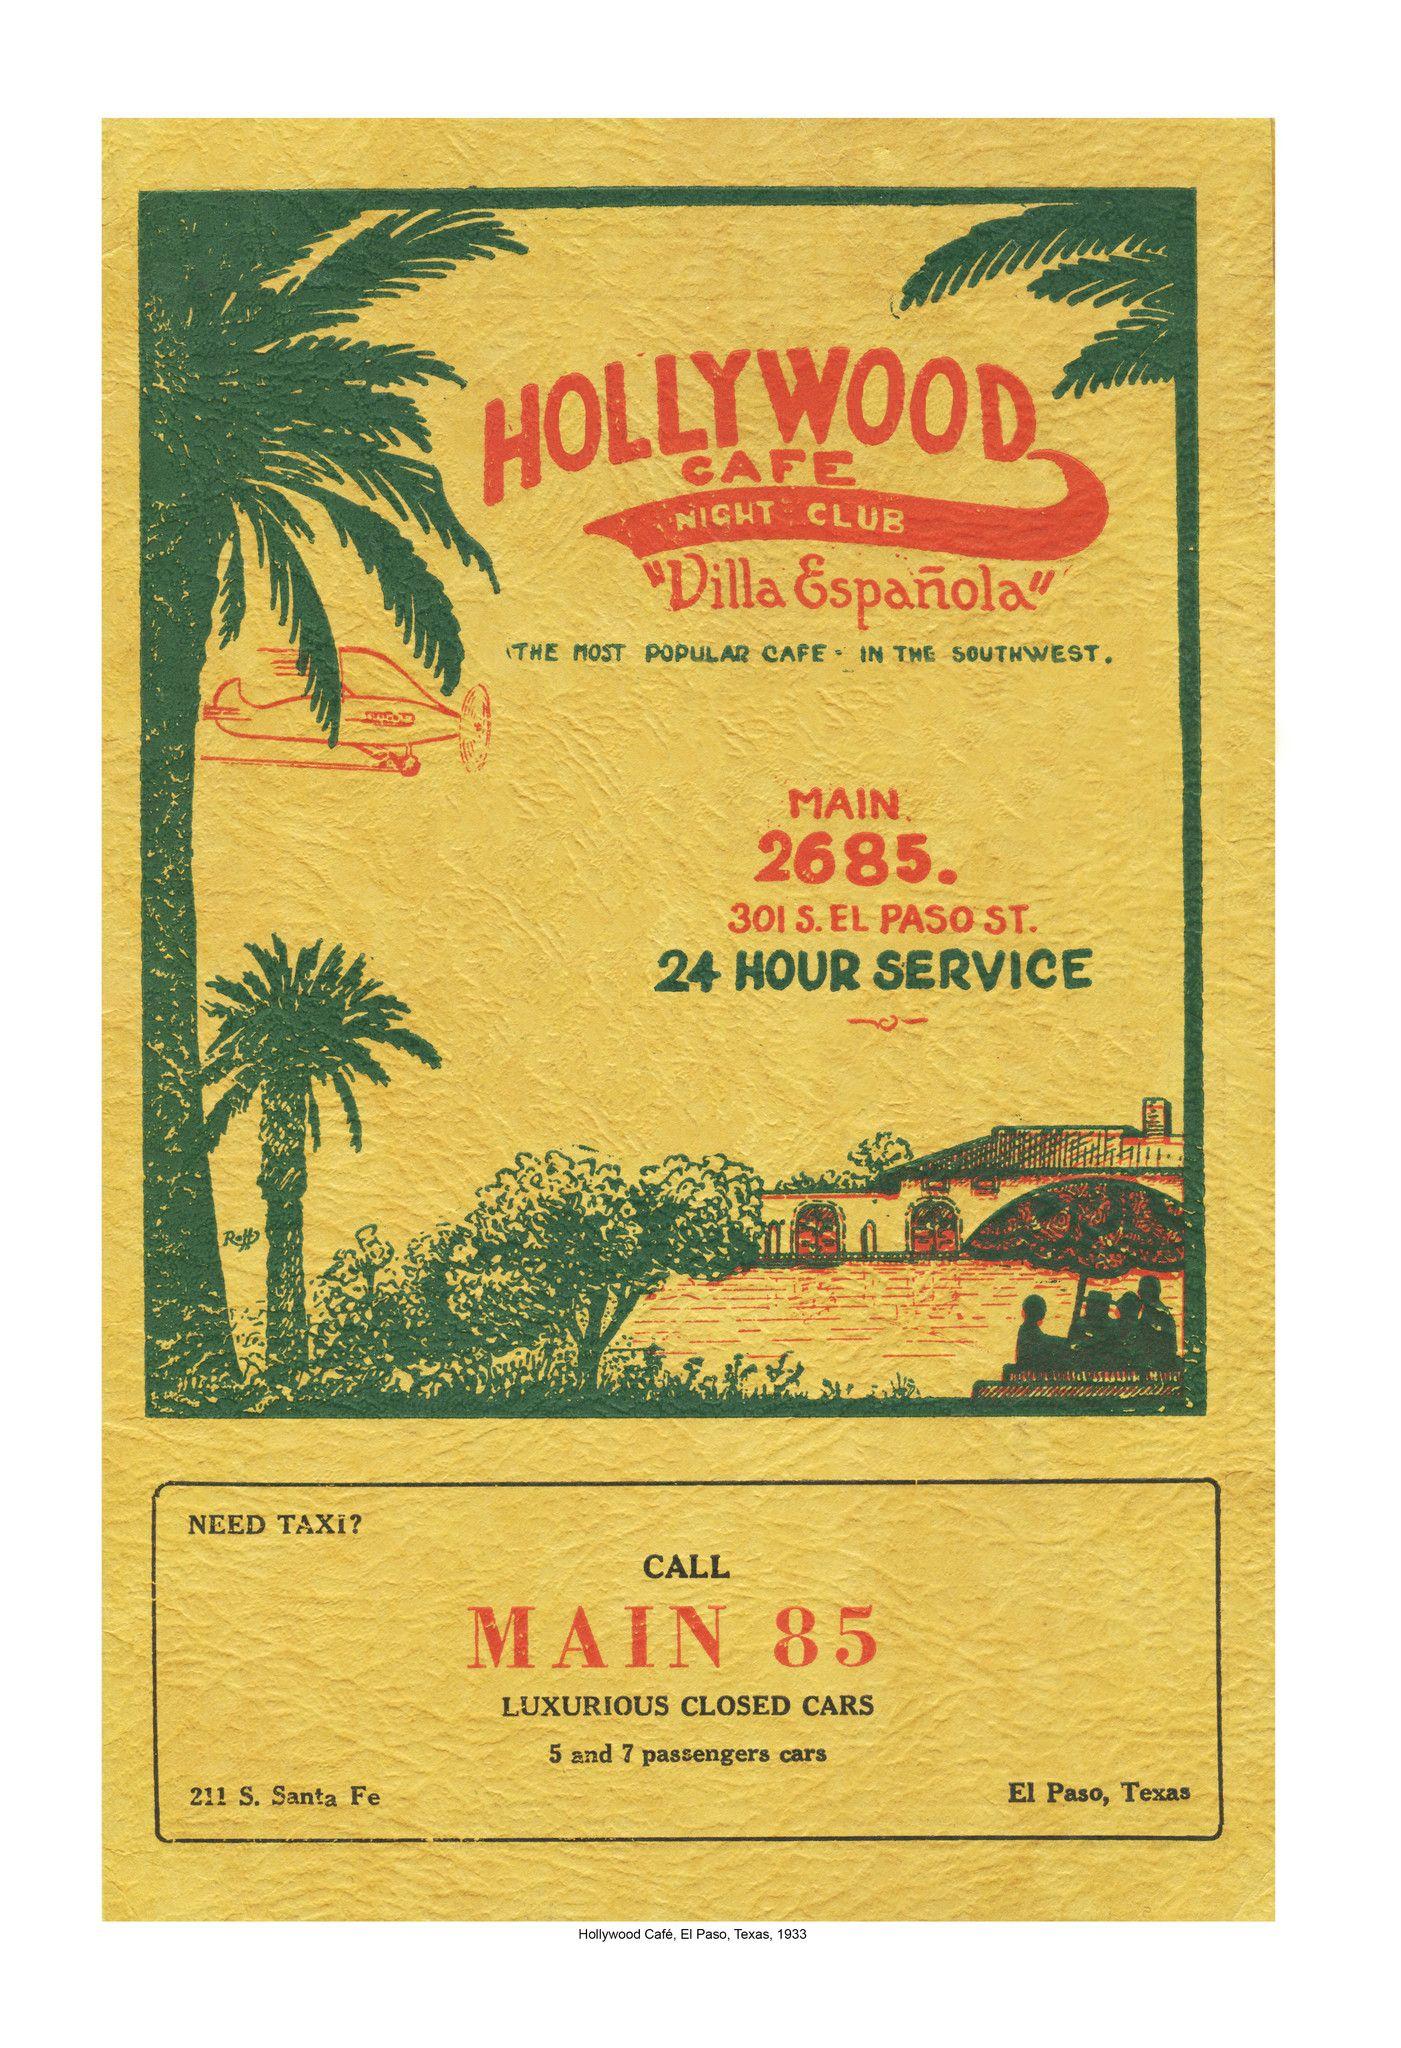 vintage menu specials poster - Google Search